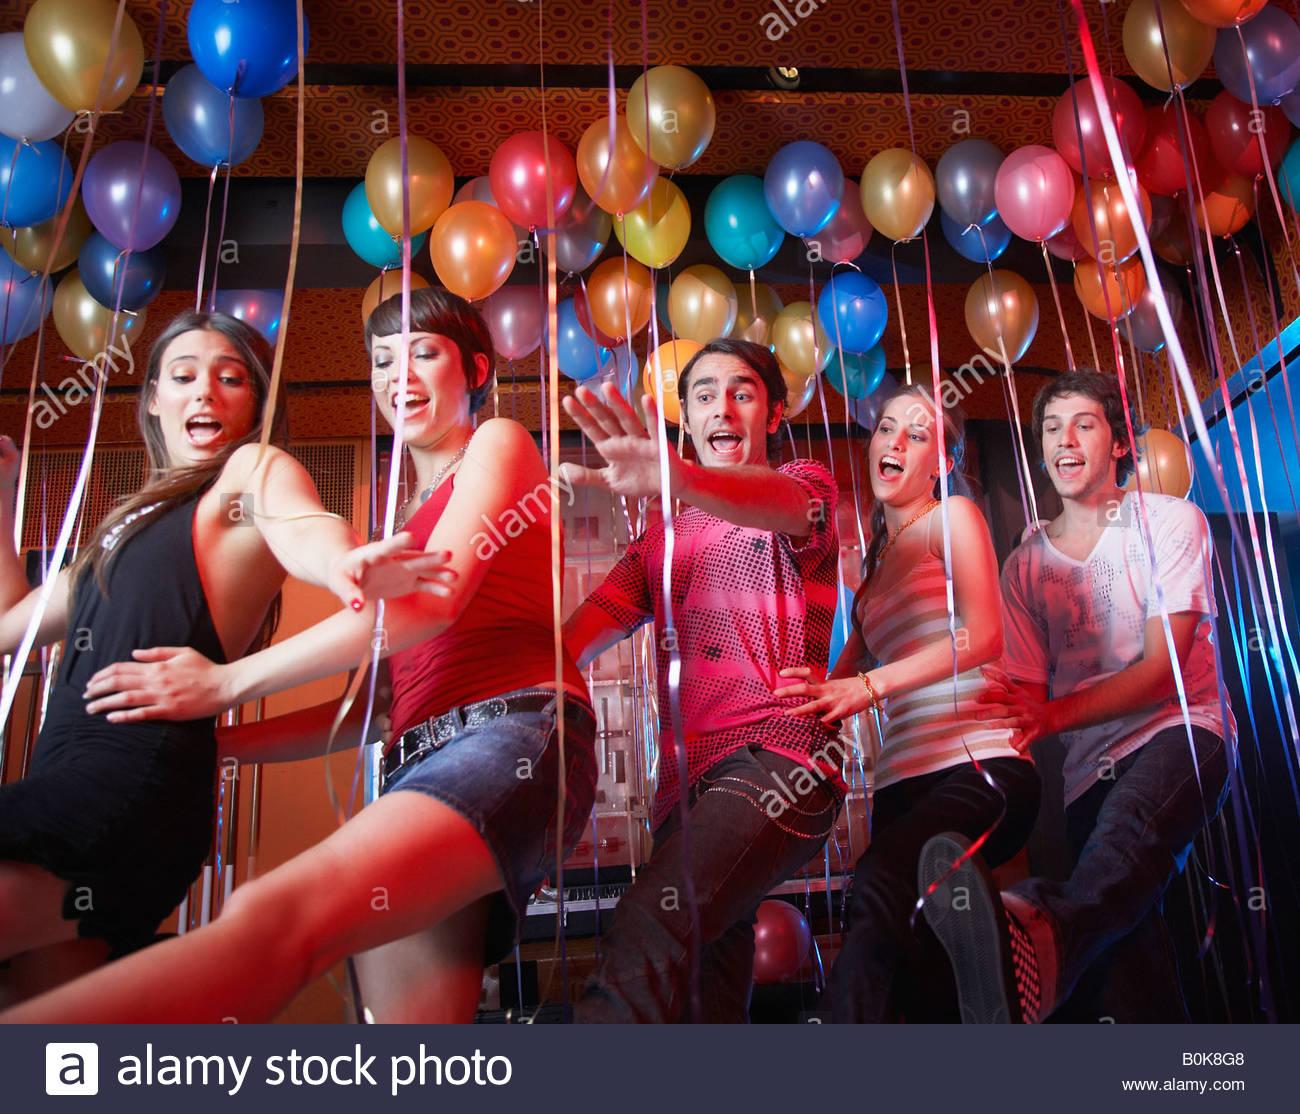 Cinque persone in una discoteca dancing e sorridente Immagini Stock